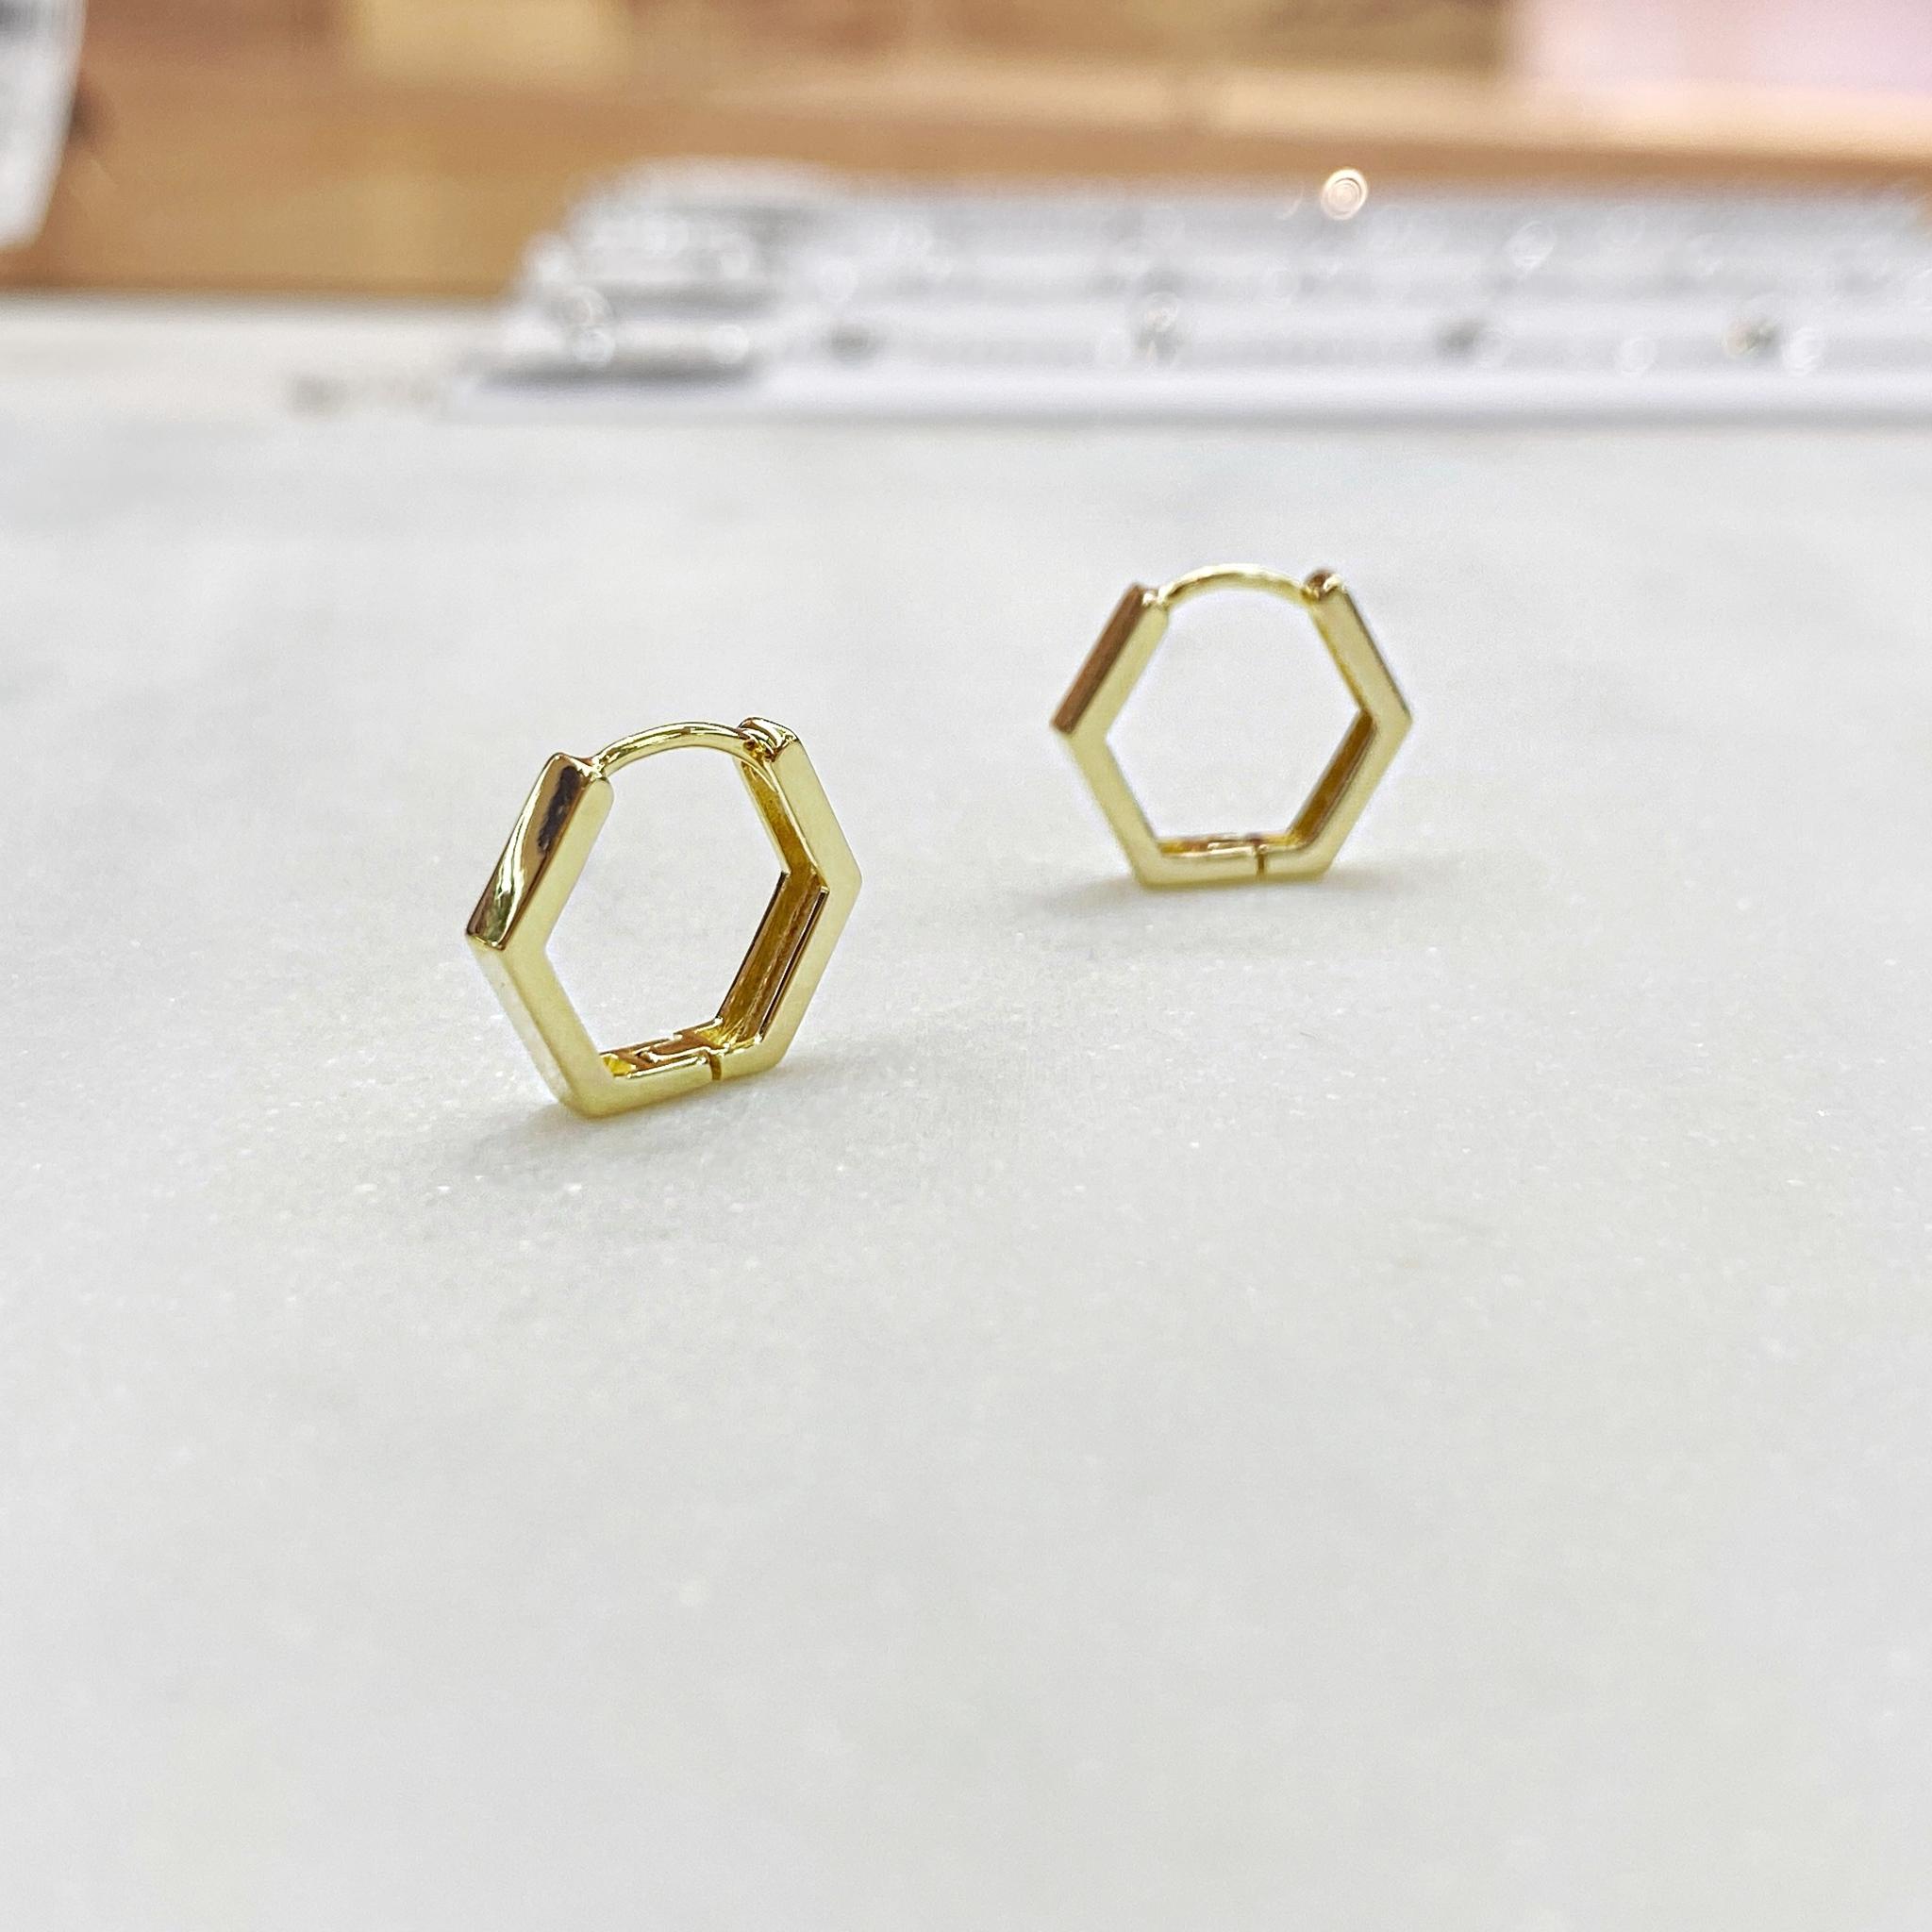 Серьги мини-конго пятиугольные 1,5 см (золотистый)